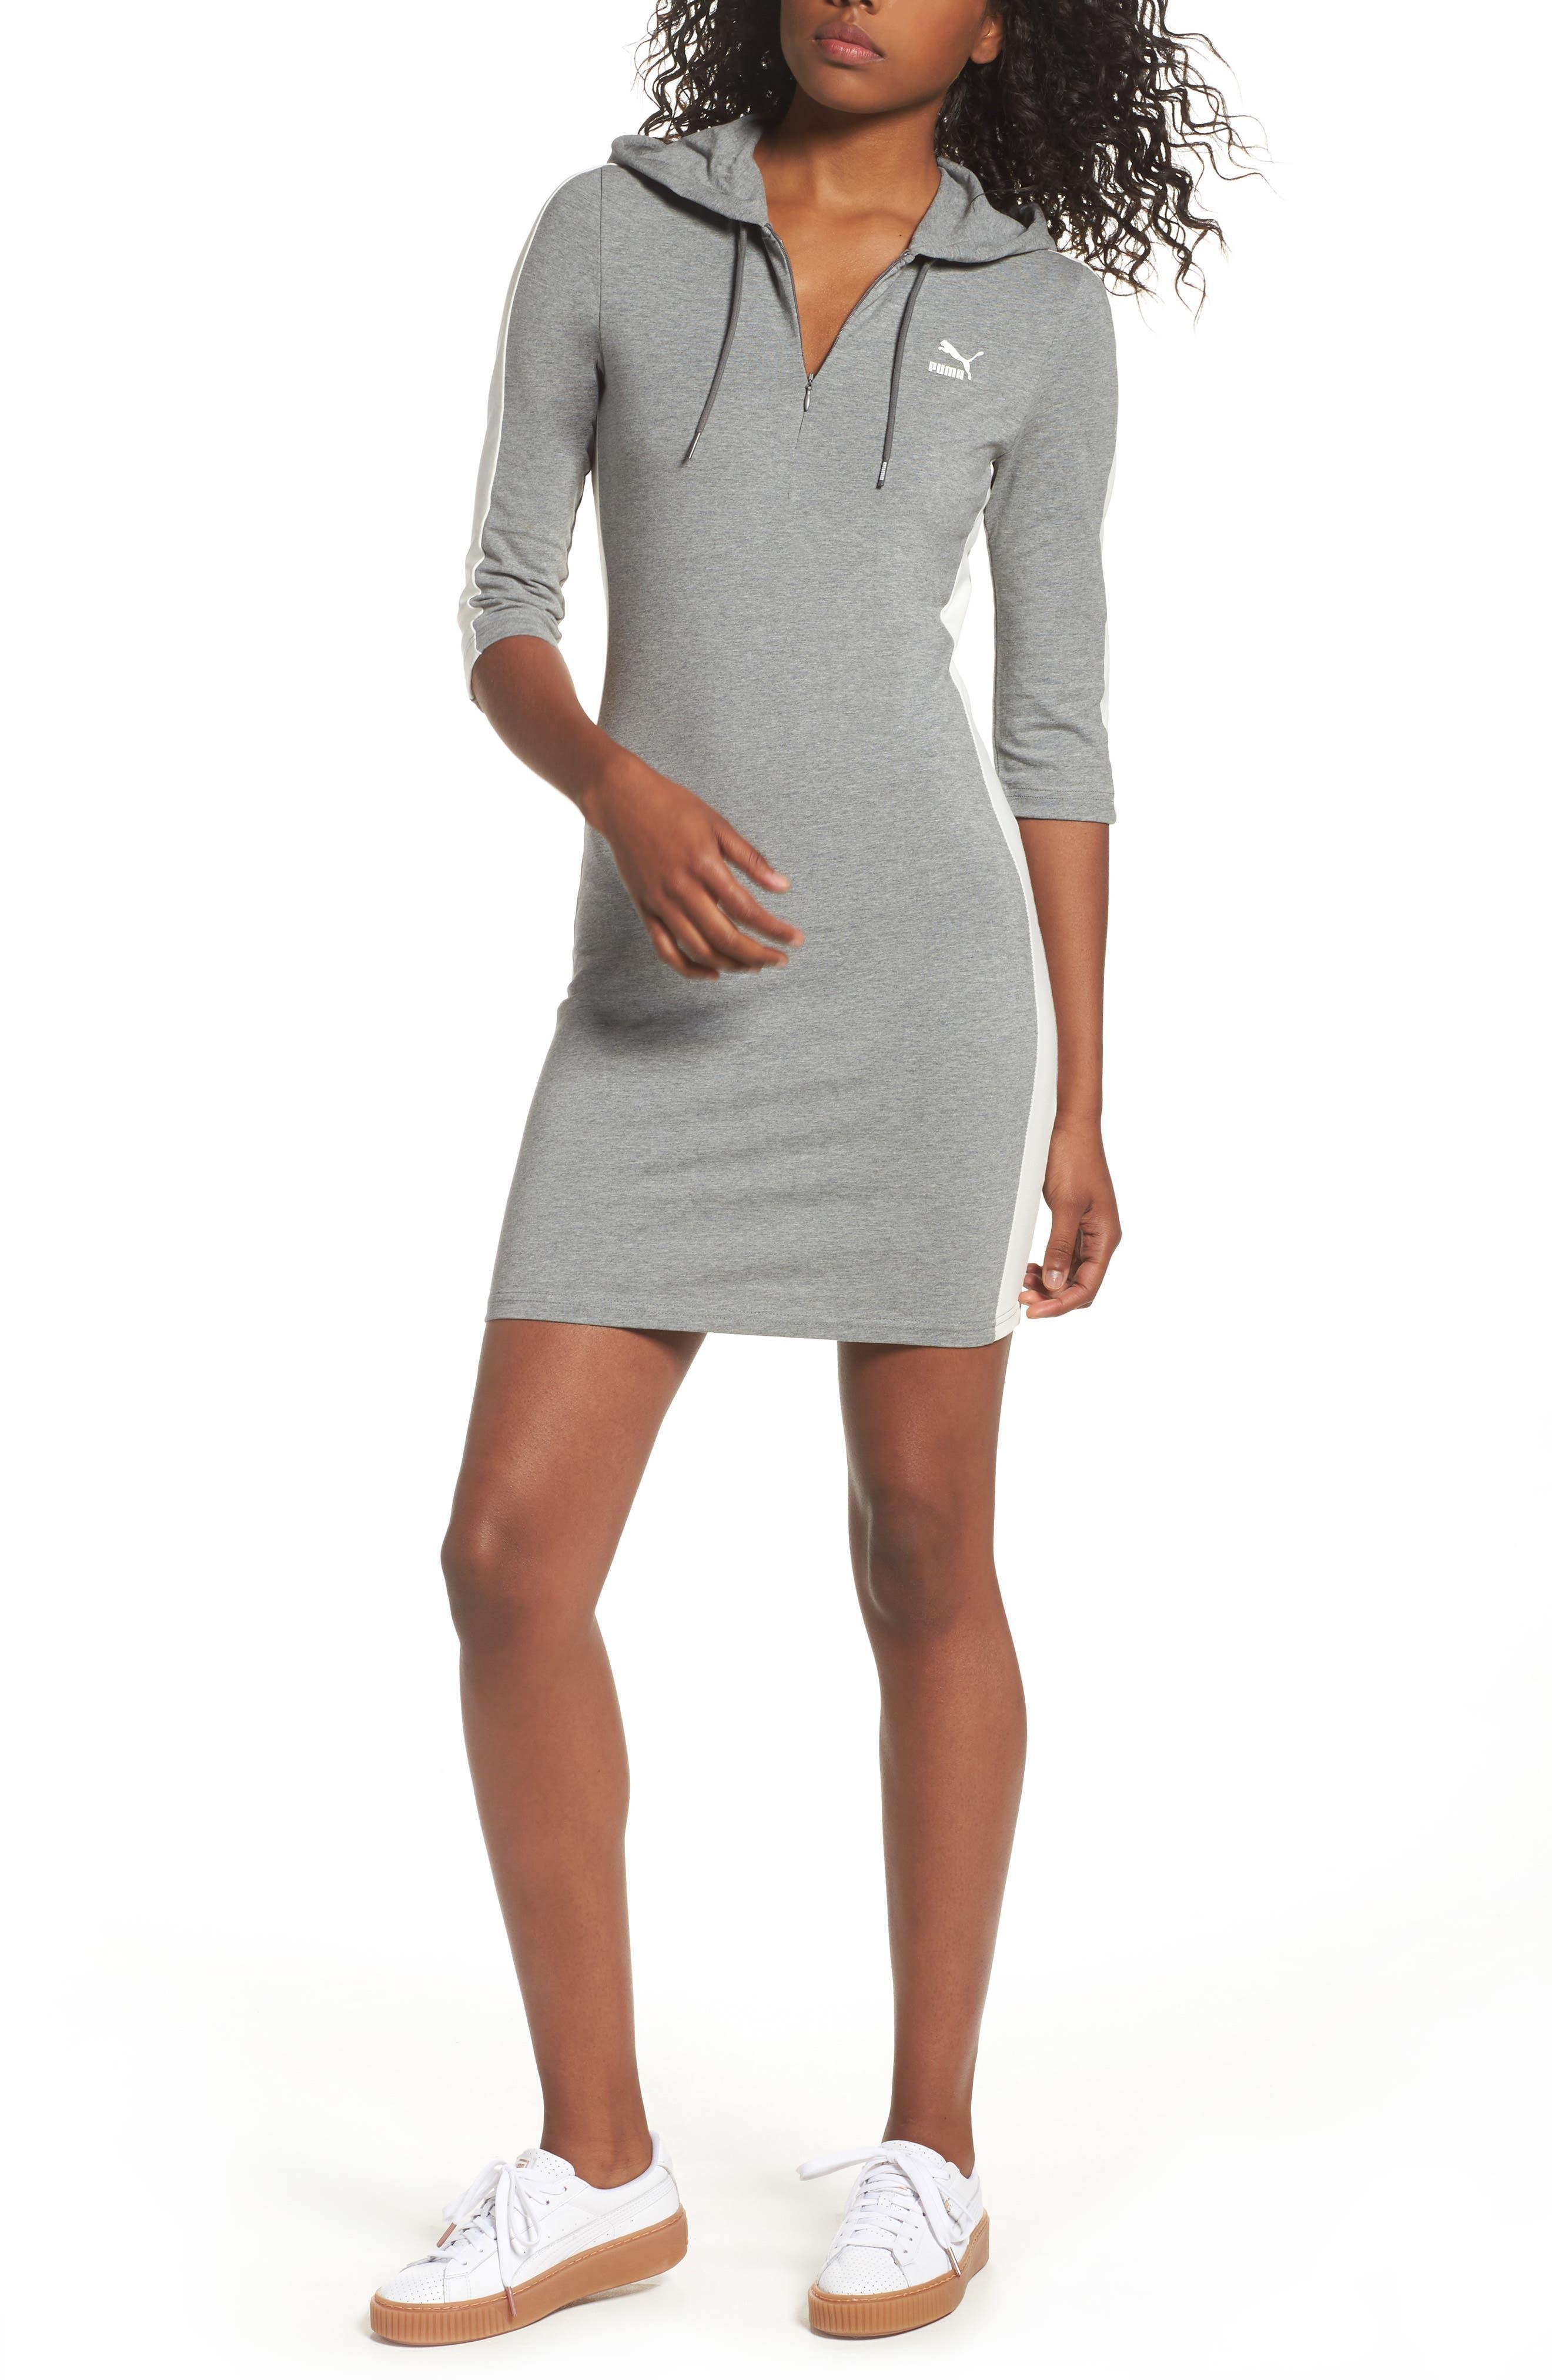 Puma T7 Sweatshirt Dress